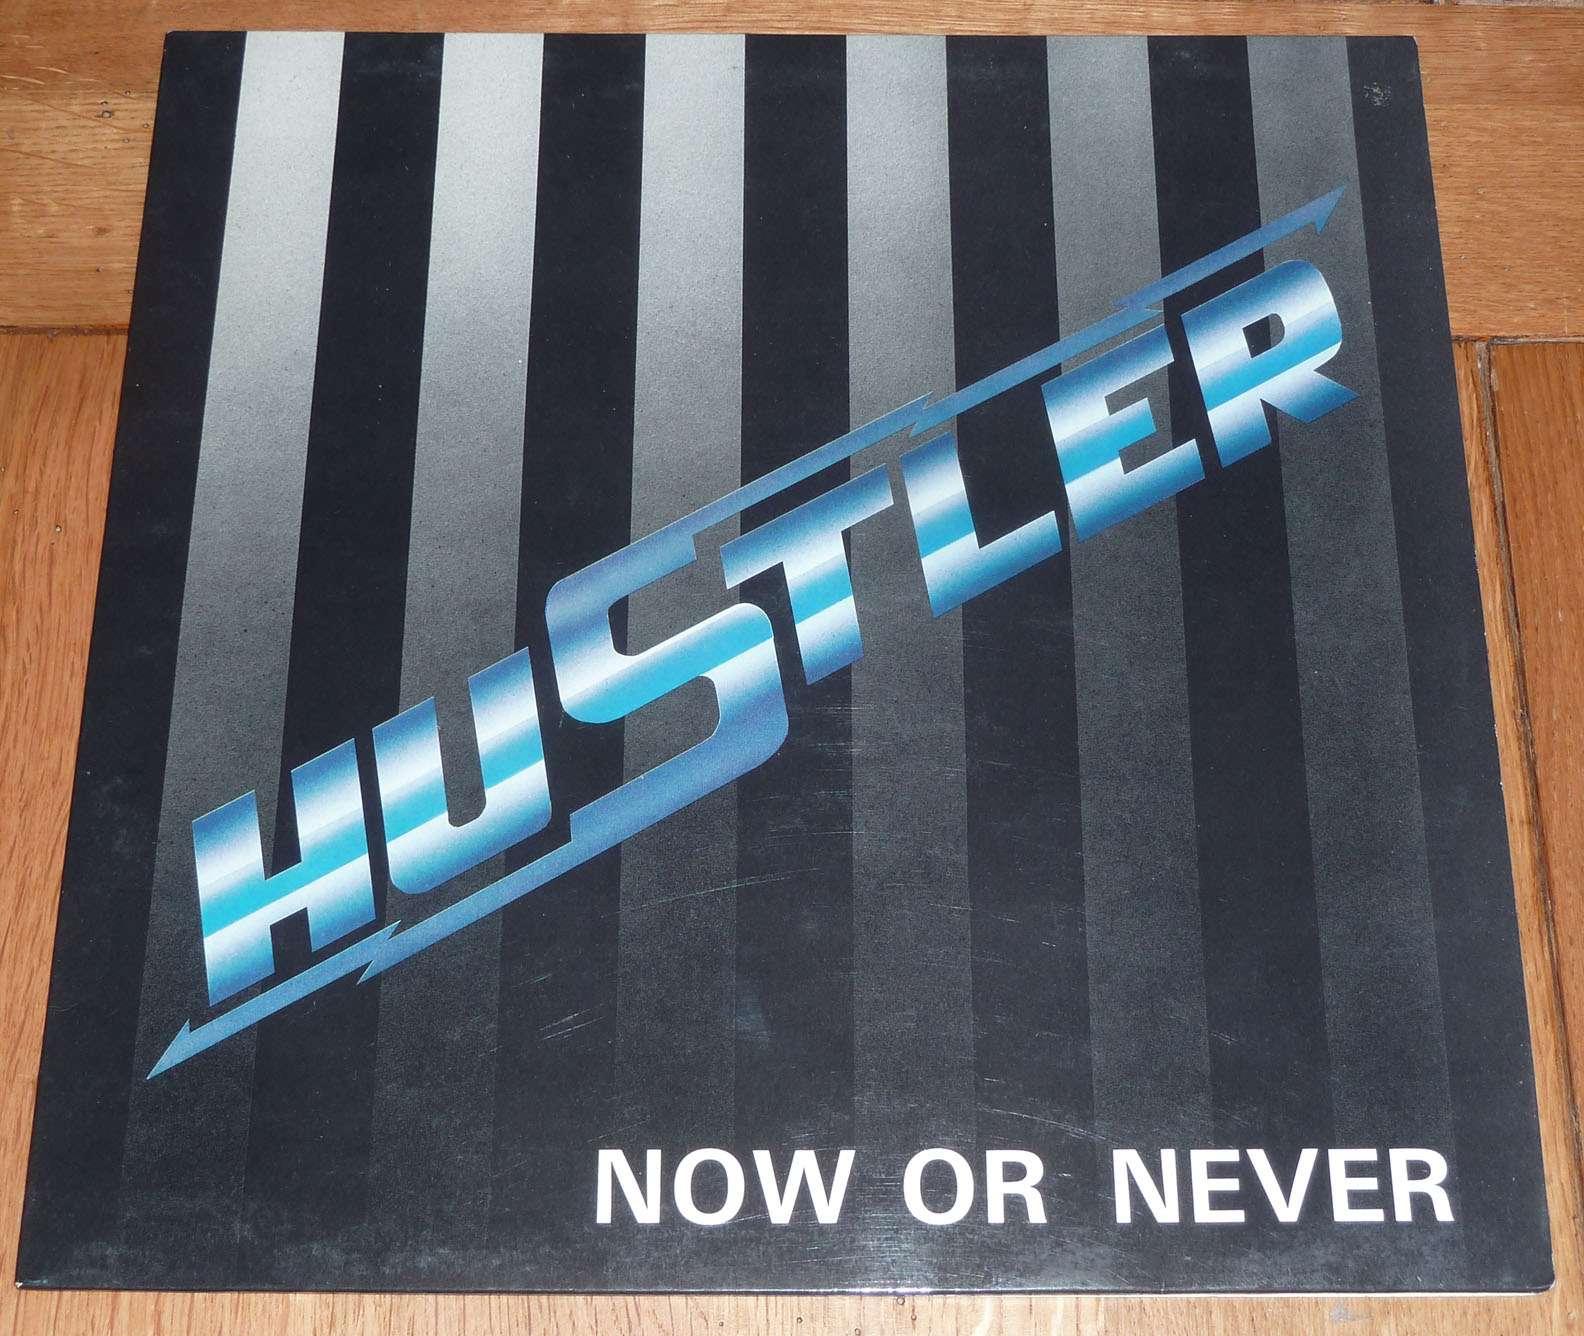 HUSTLER No Or Never (1985) France  P1170313